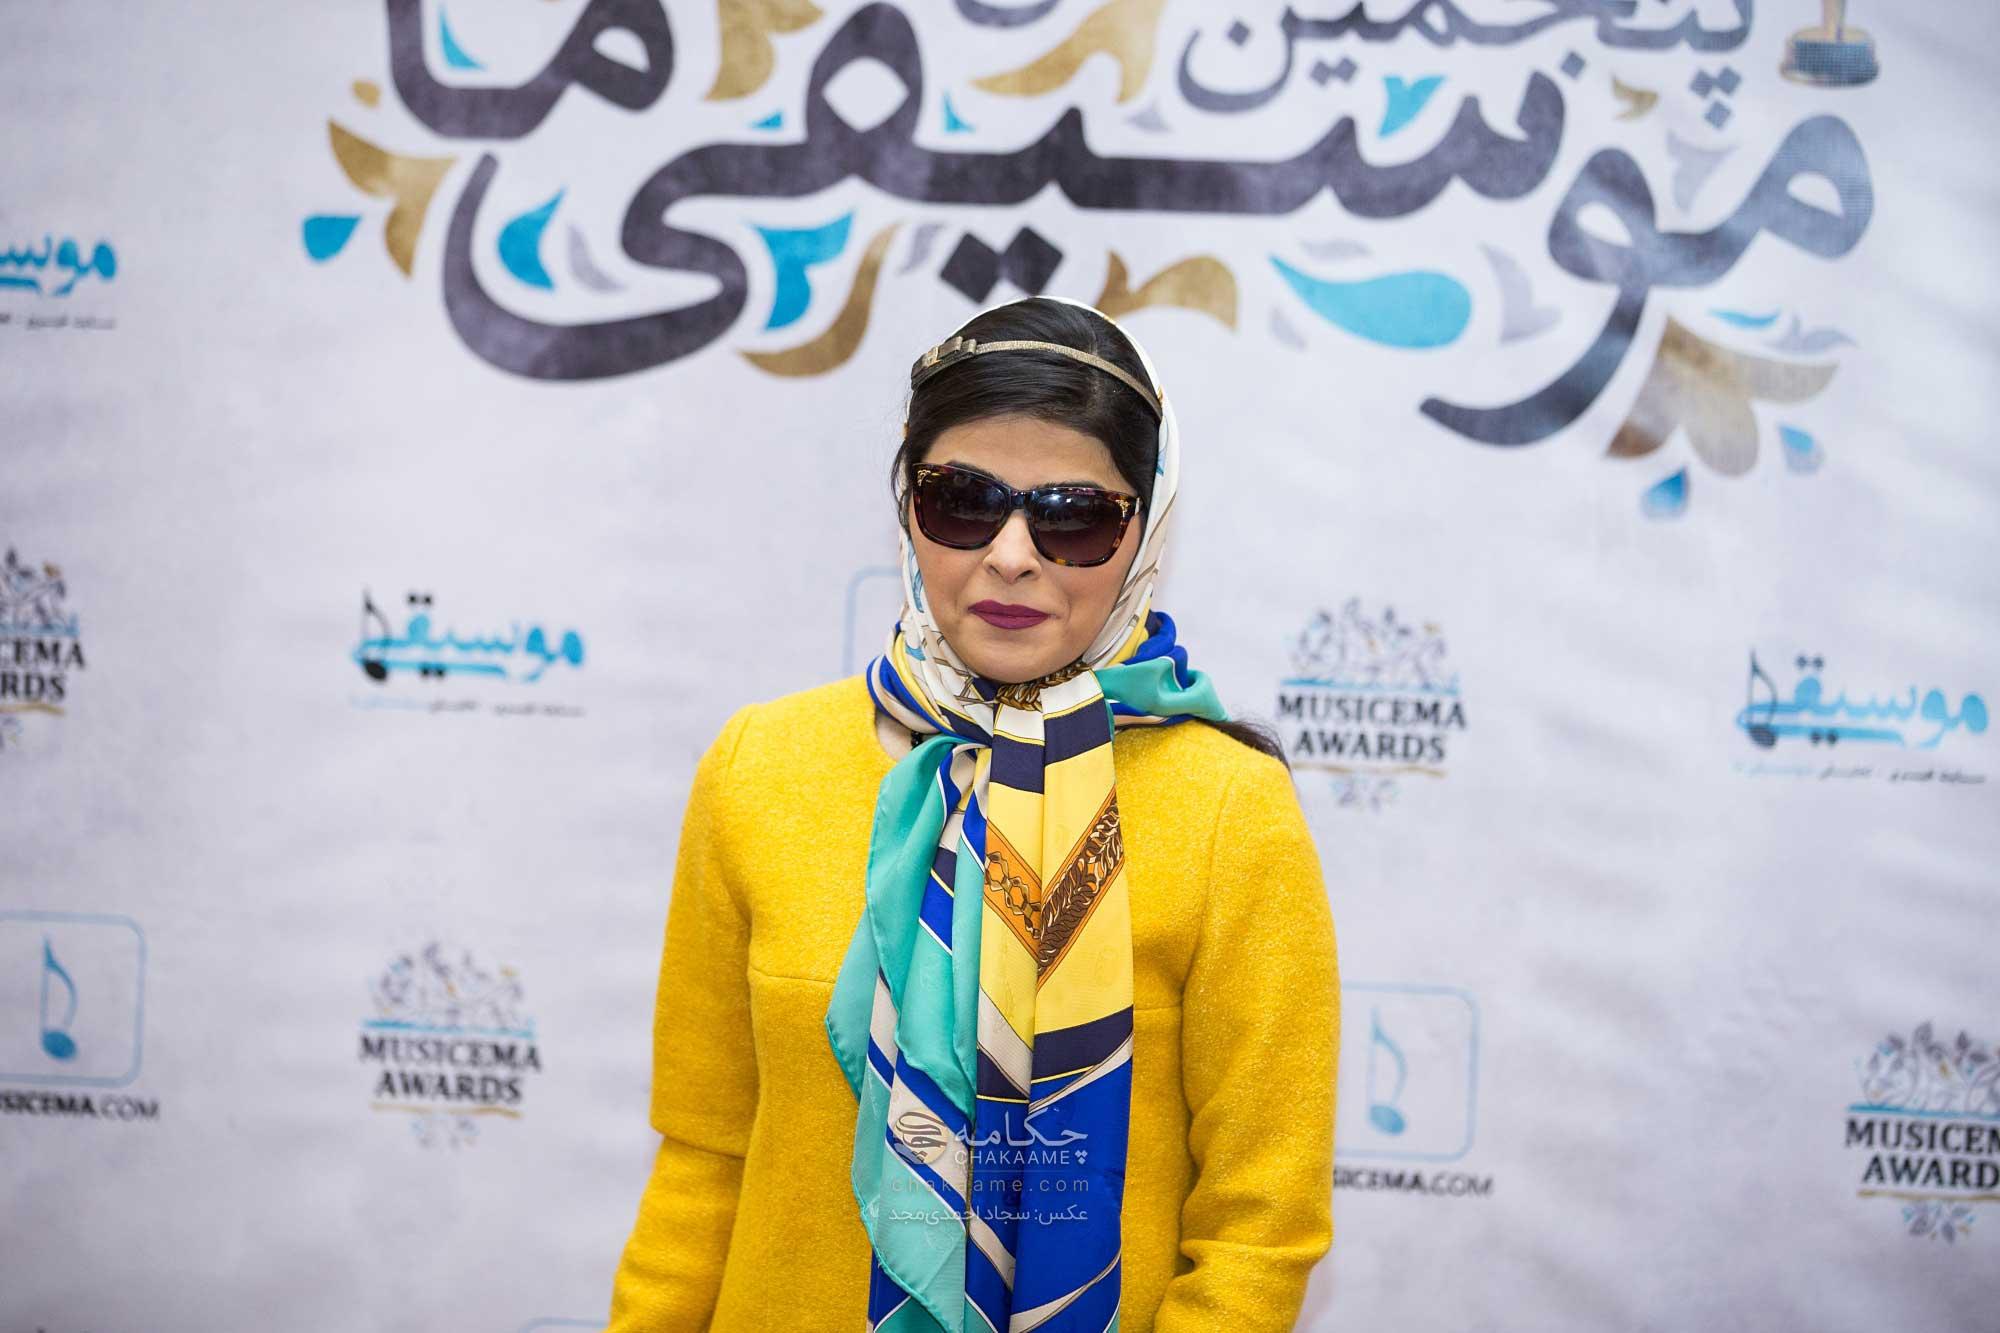 مریم حیدرزاده - پنجمین جشن سالانه موسیقی ما